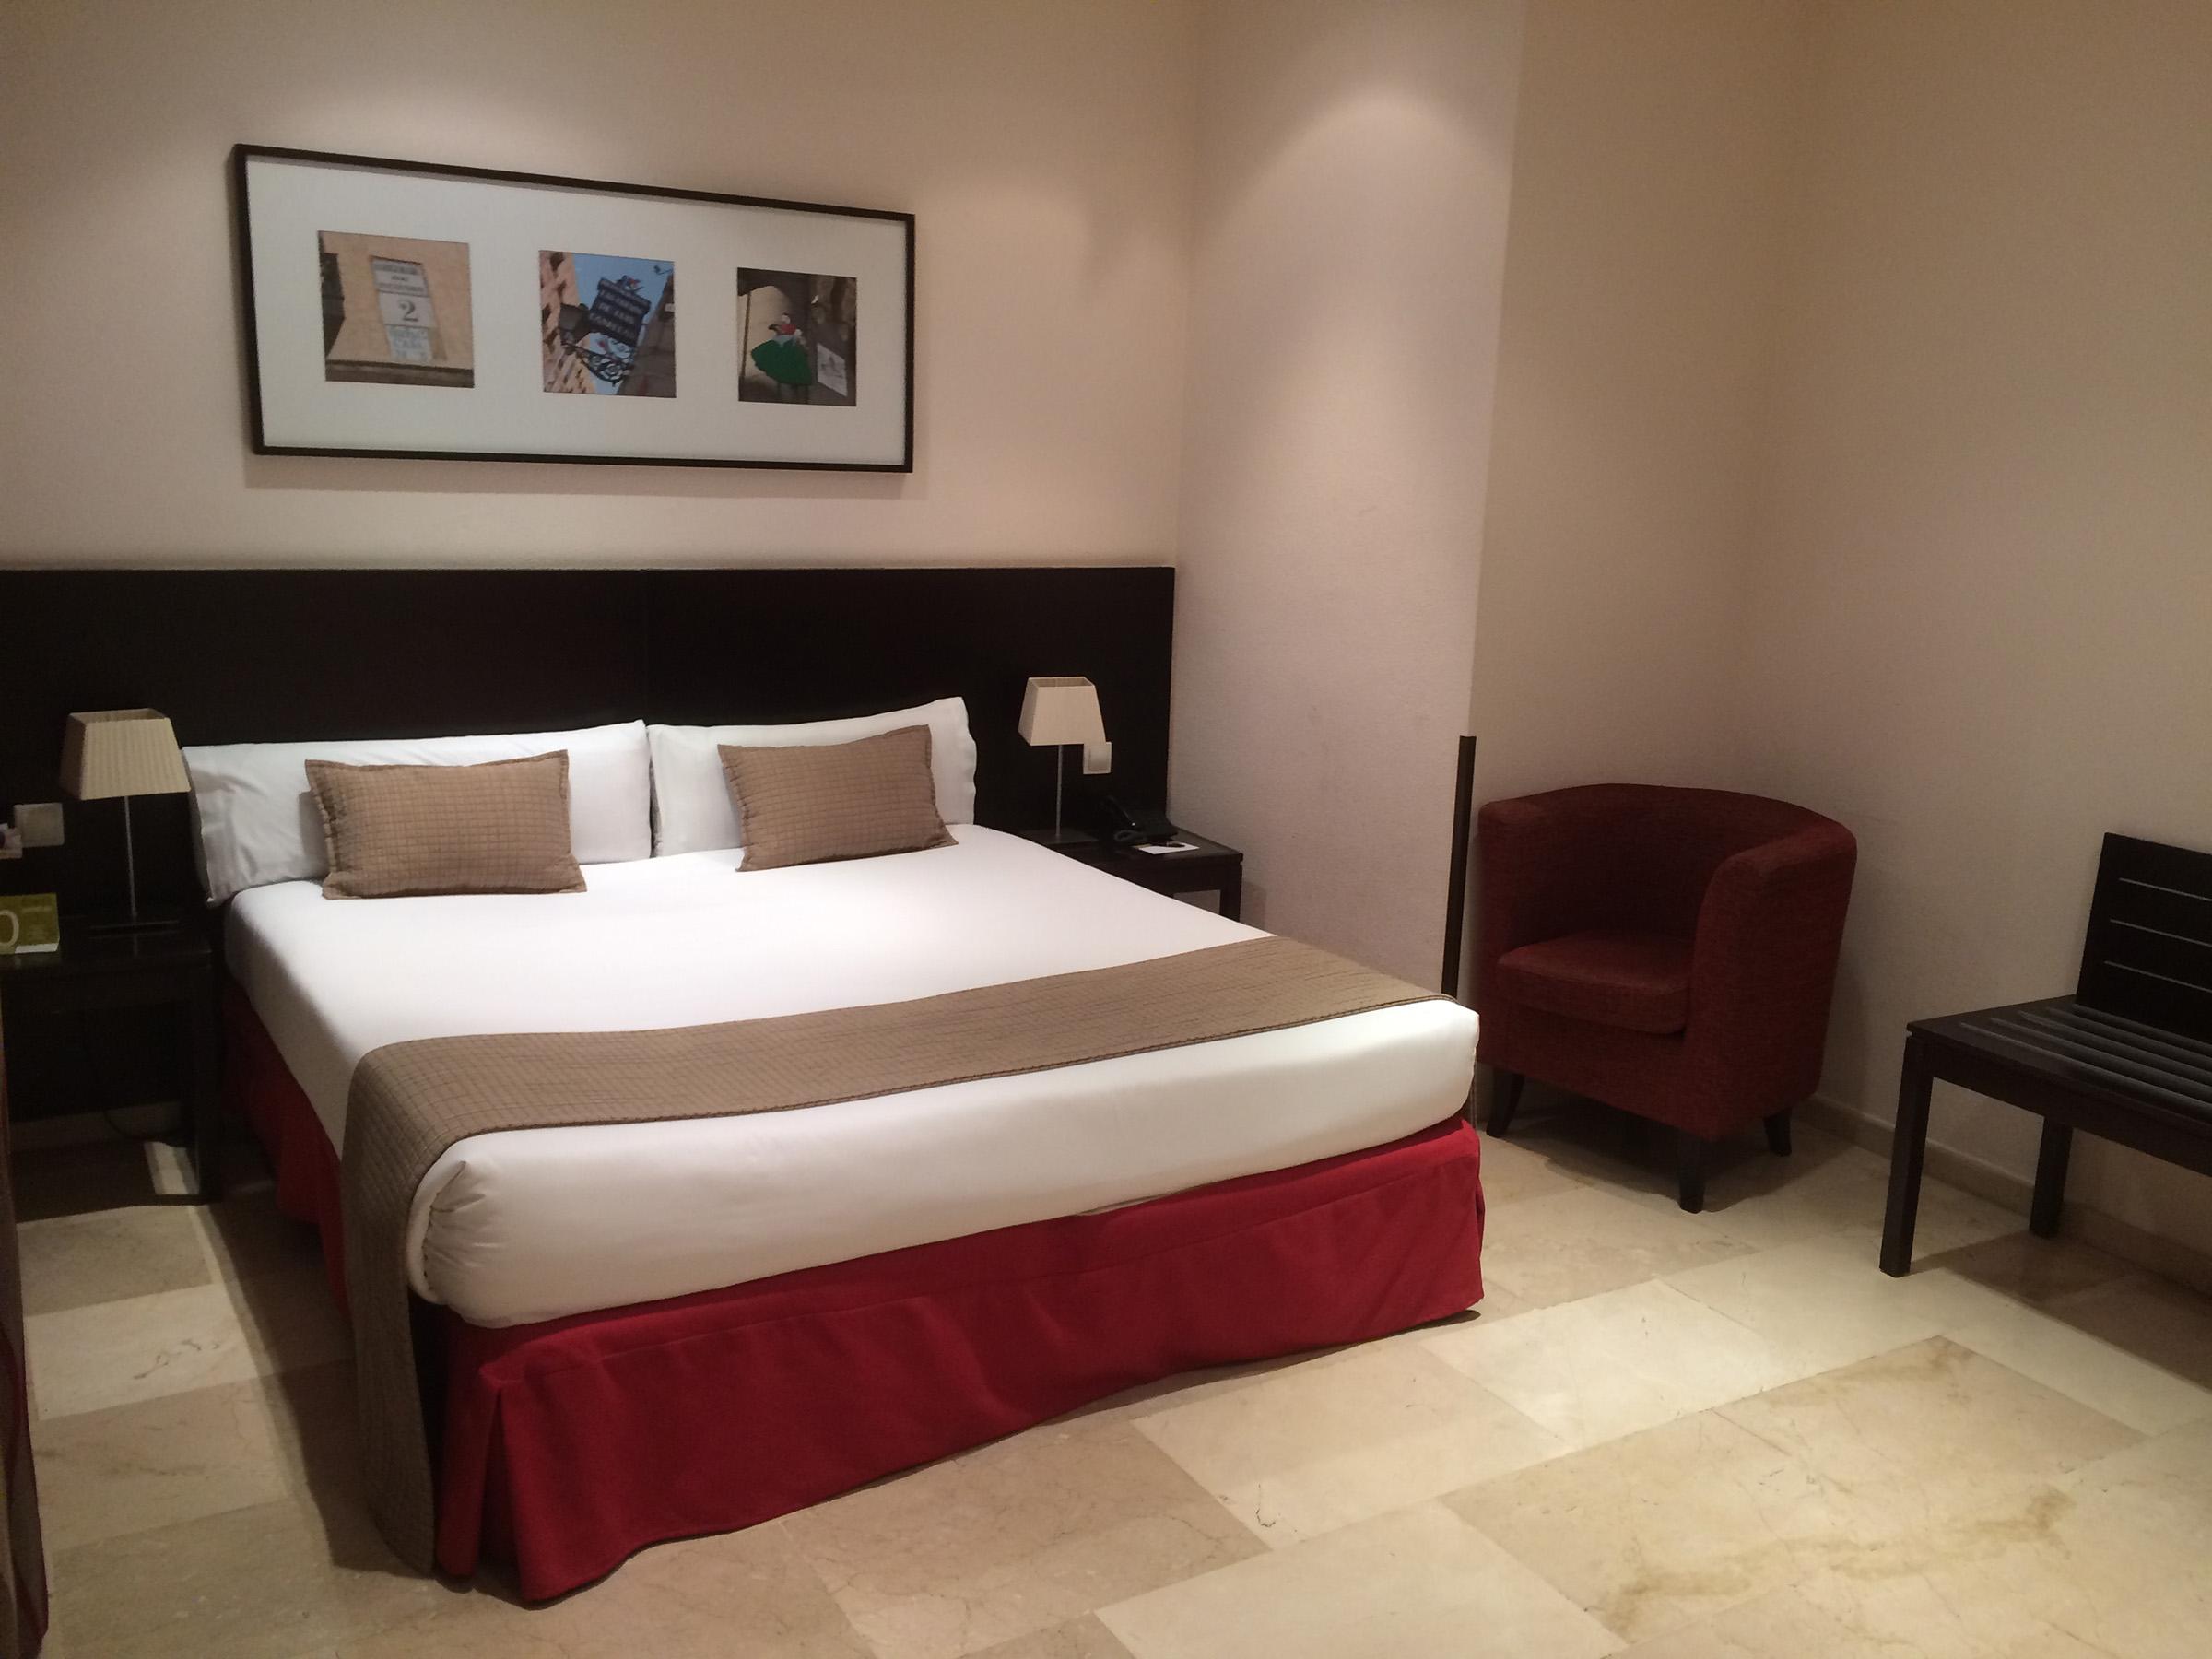 Hotel Room Calle Filgueira Valverde N  Pontevedra